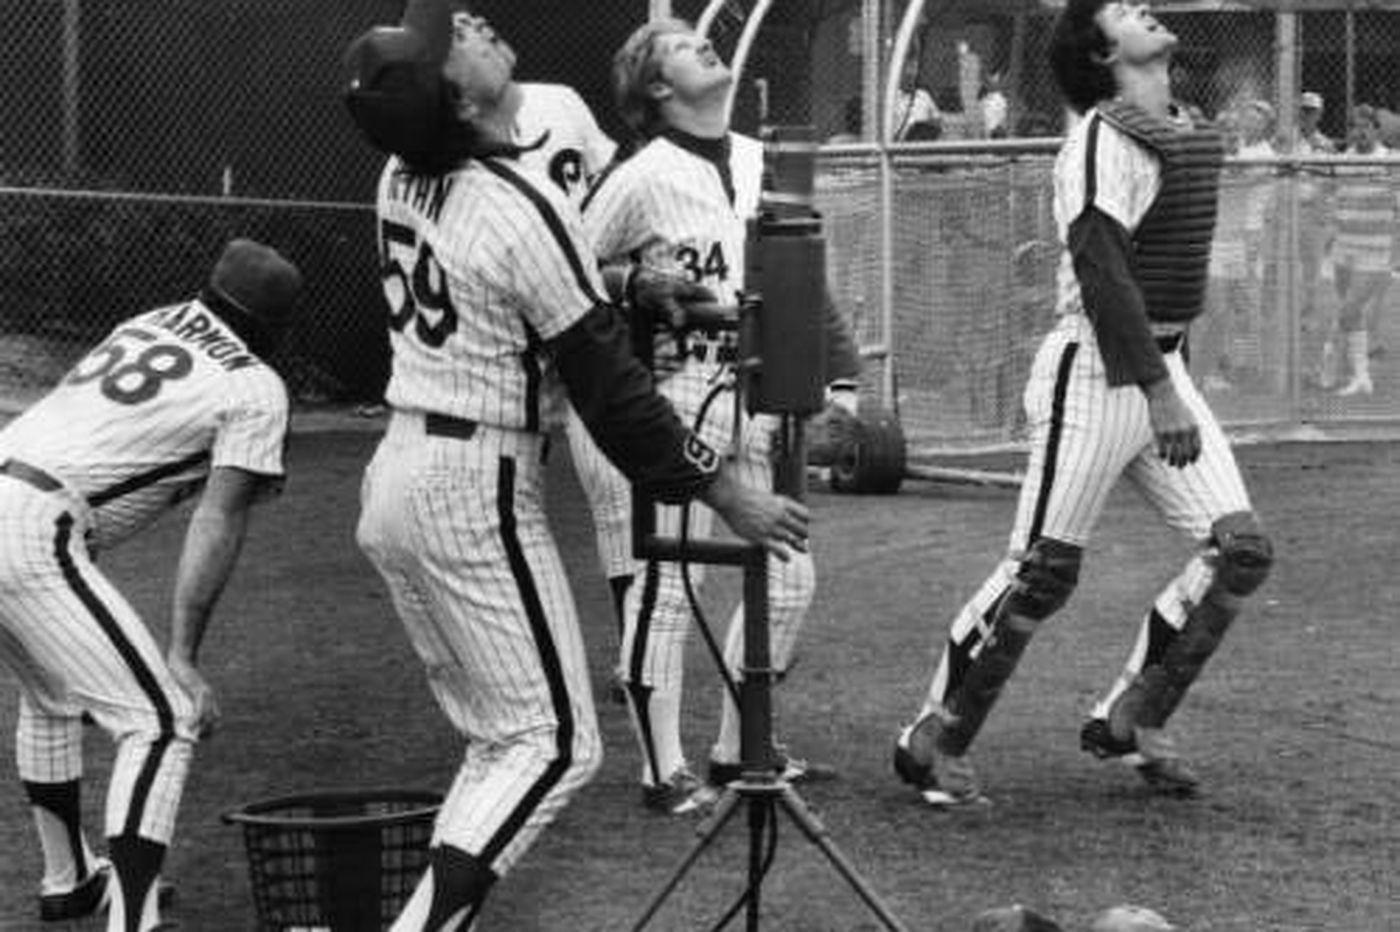 Longtime Phillies coach 'Irish' Mike Ryan dies, 78